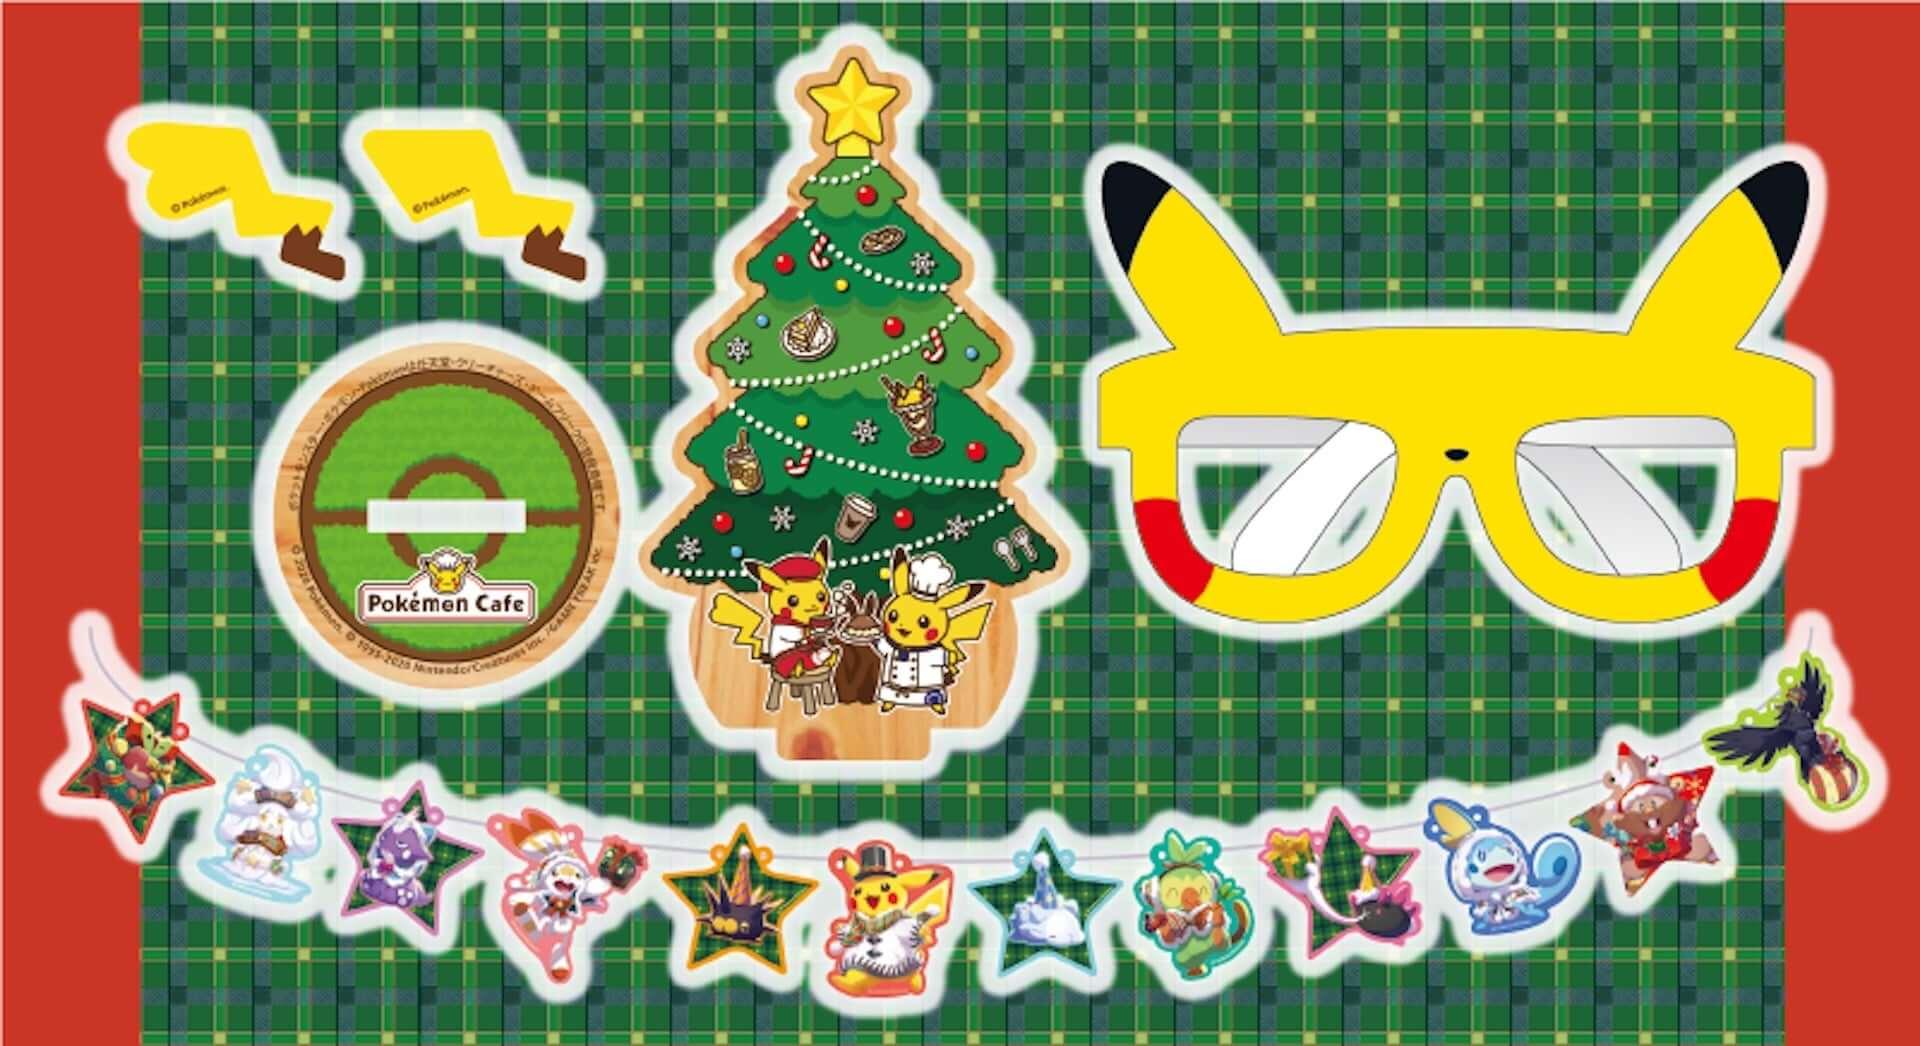 ピカチュウがクリスマスケーキになって登場!『ホームパーティセット』が「ポケモンカフェ」&「ピカチュウスイーツ by ポケモンカフェ」にて予約販売決定 gourmet201023_pokemon-xmas_2-1920x1046